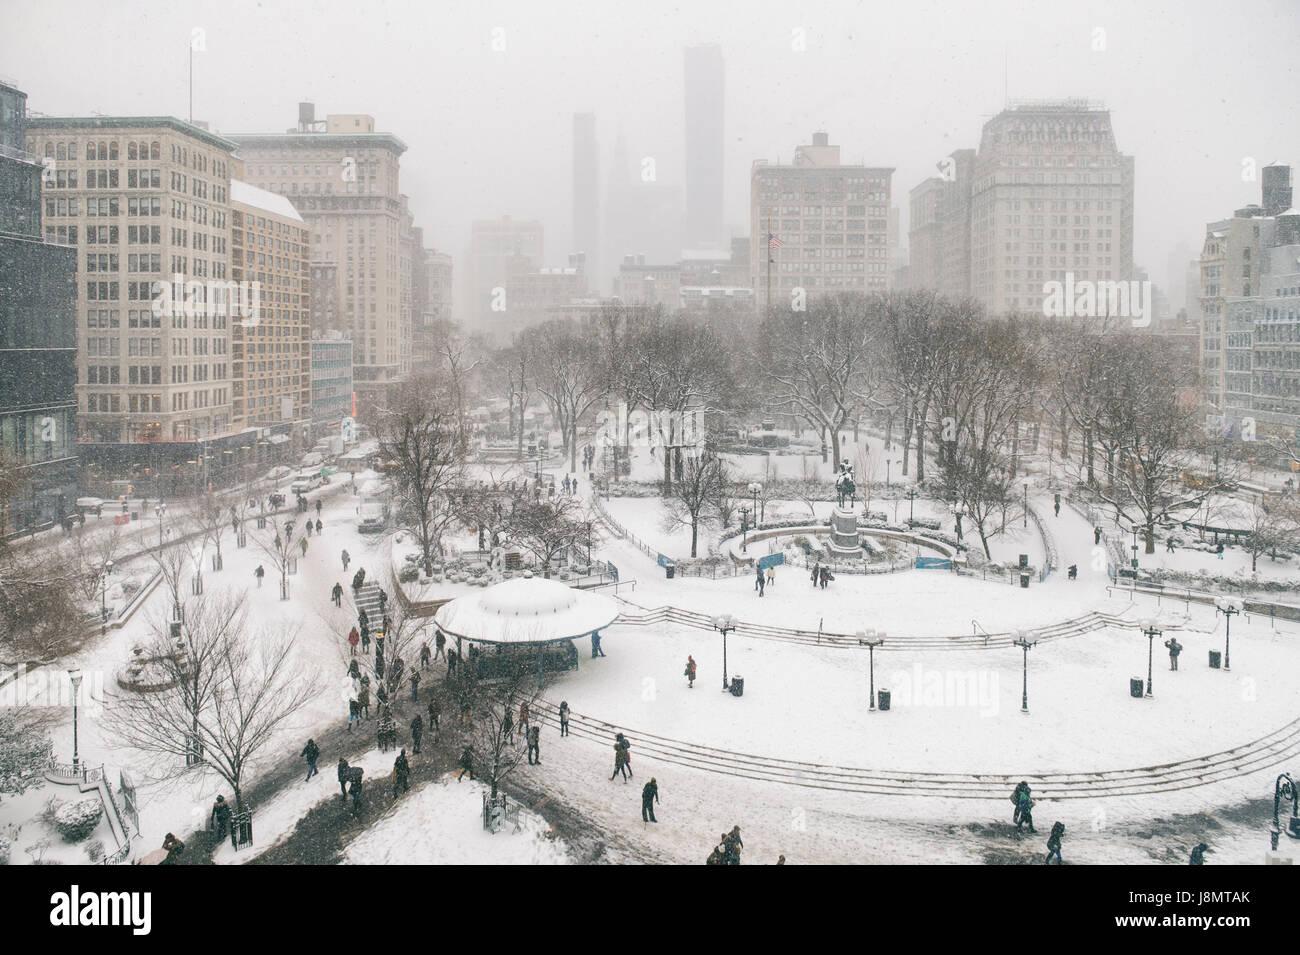 Verschneiten Winterlandschaft mit Wanderwegen links überholt von Fußgängern im Schnee am Union Square Stockbild